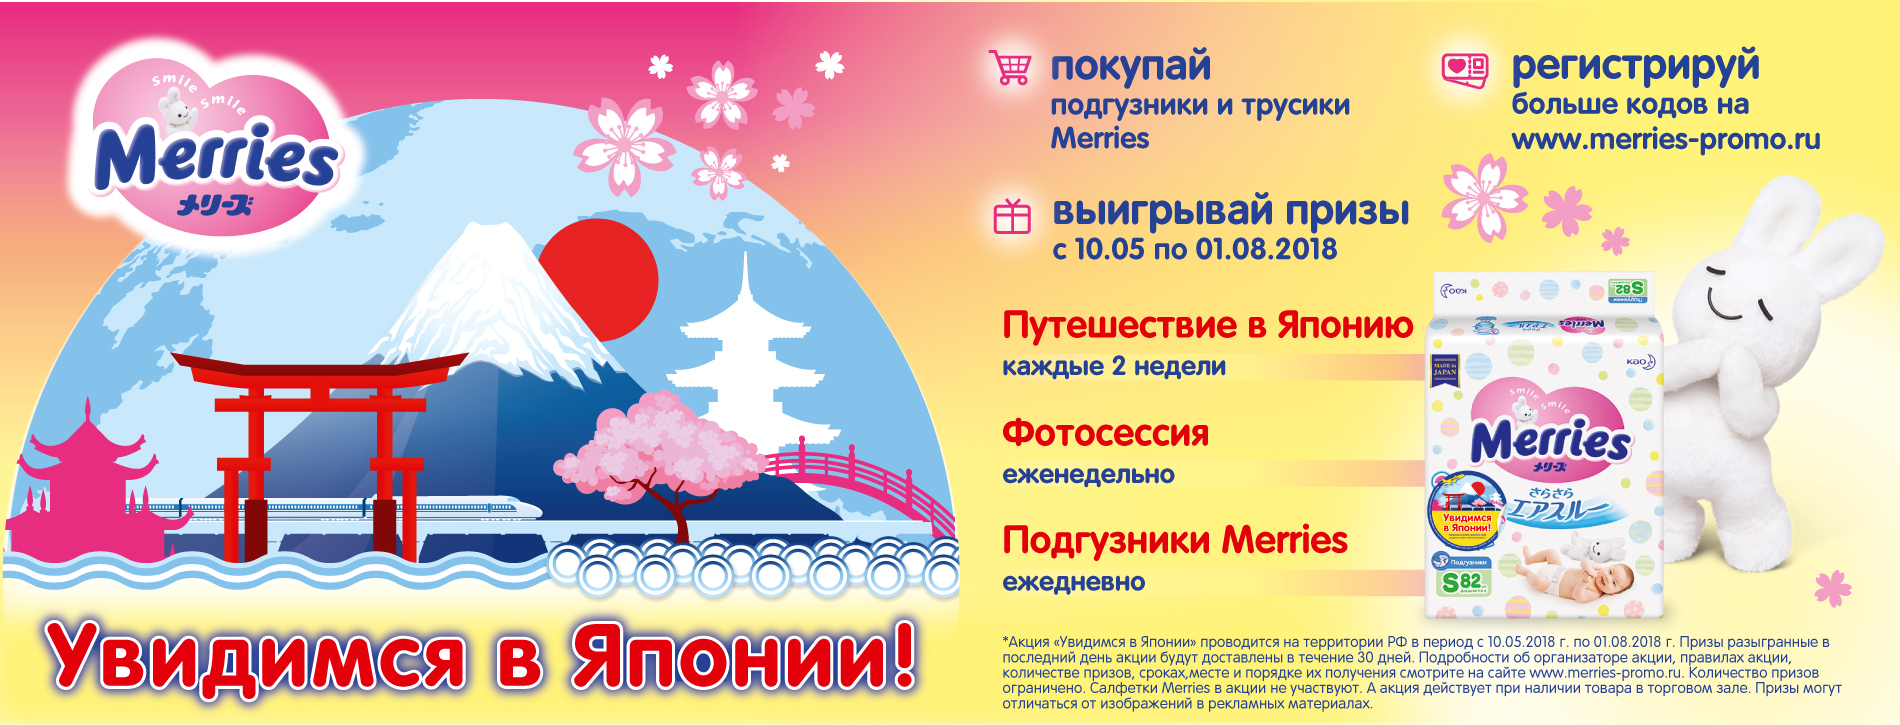 Увидимся в Японии с Merries?